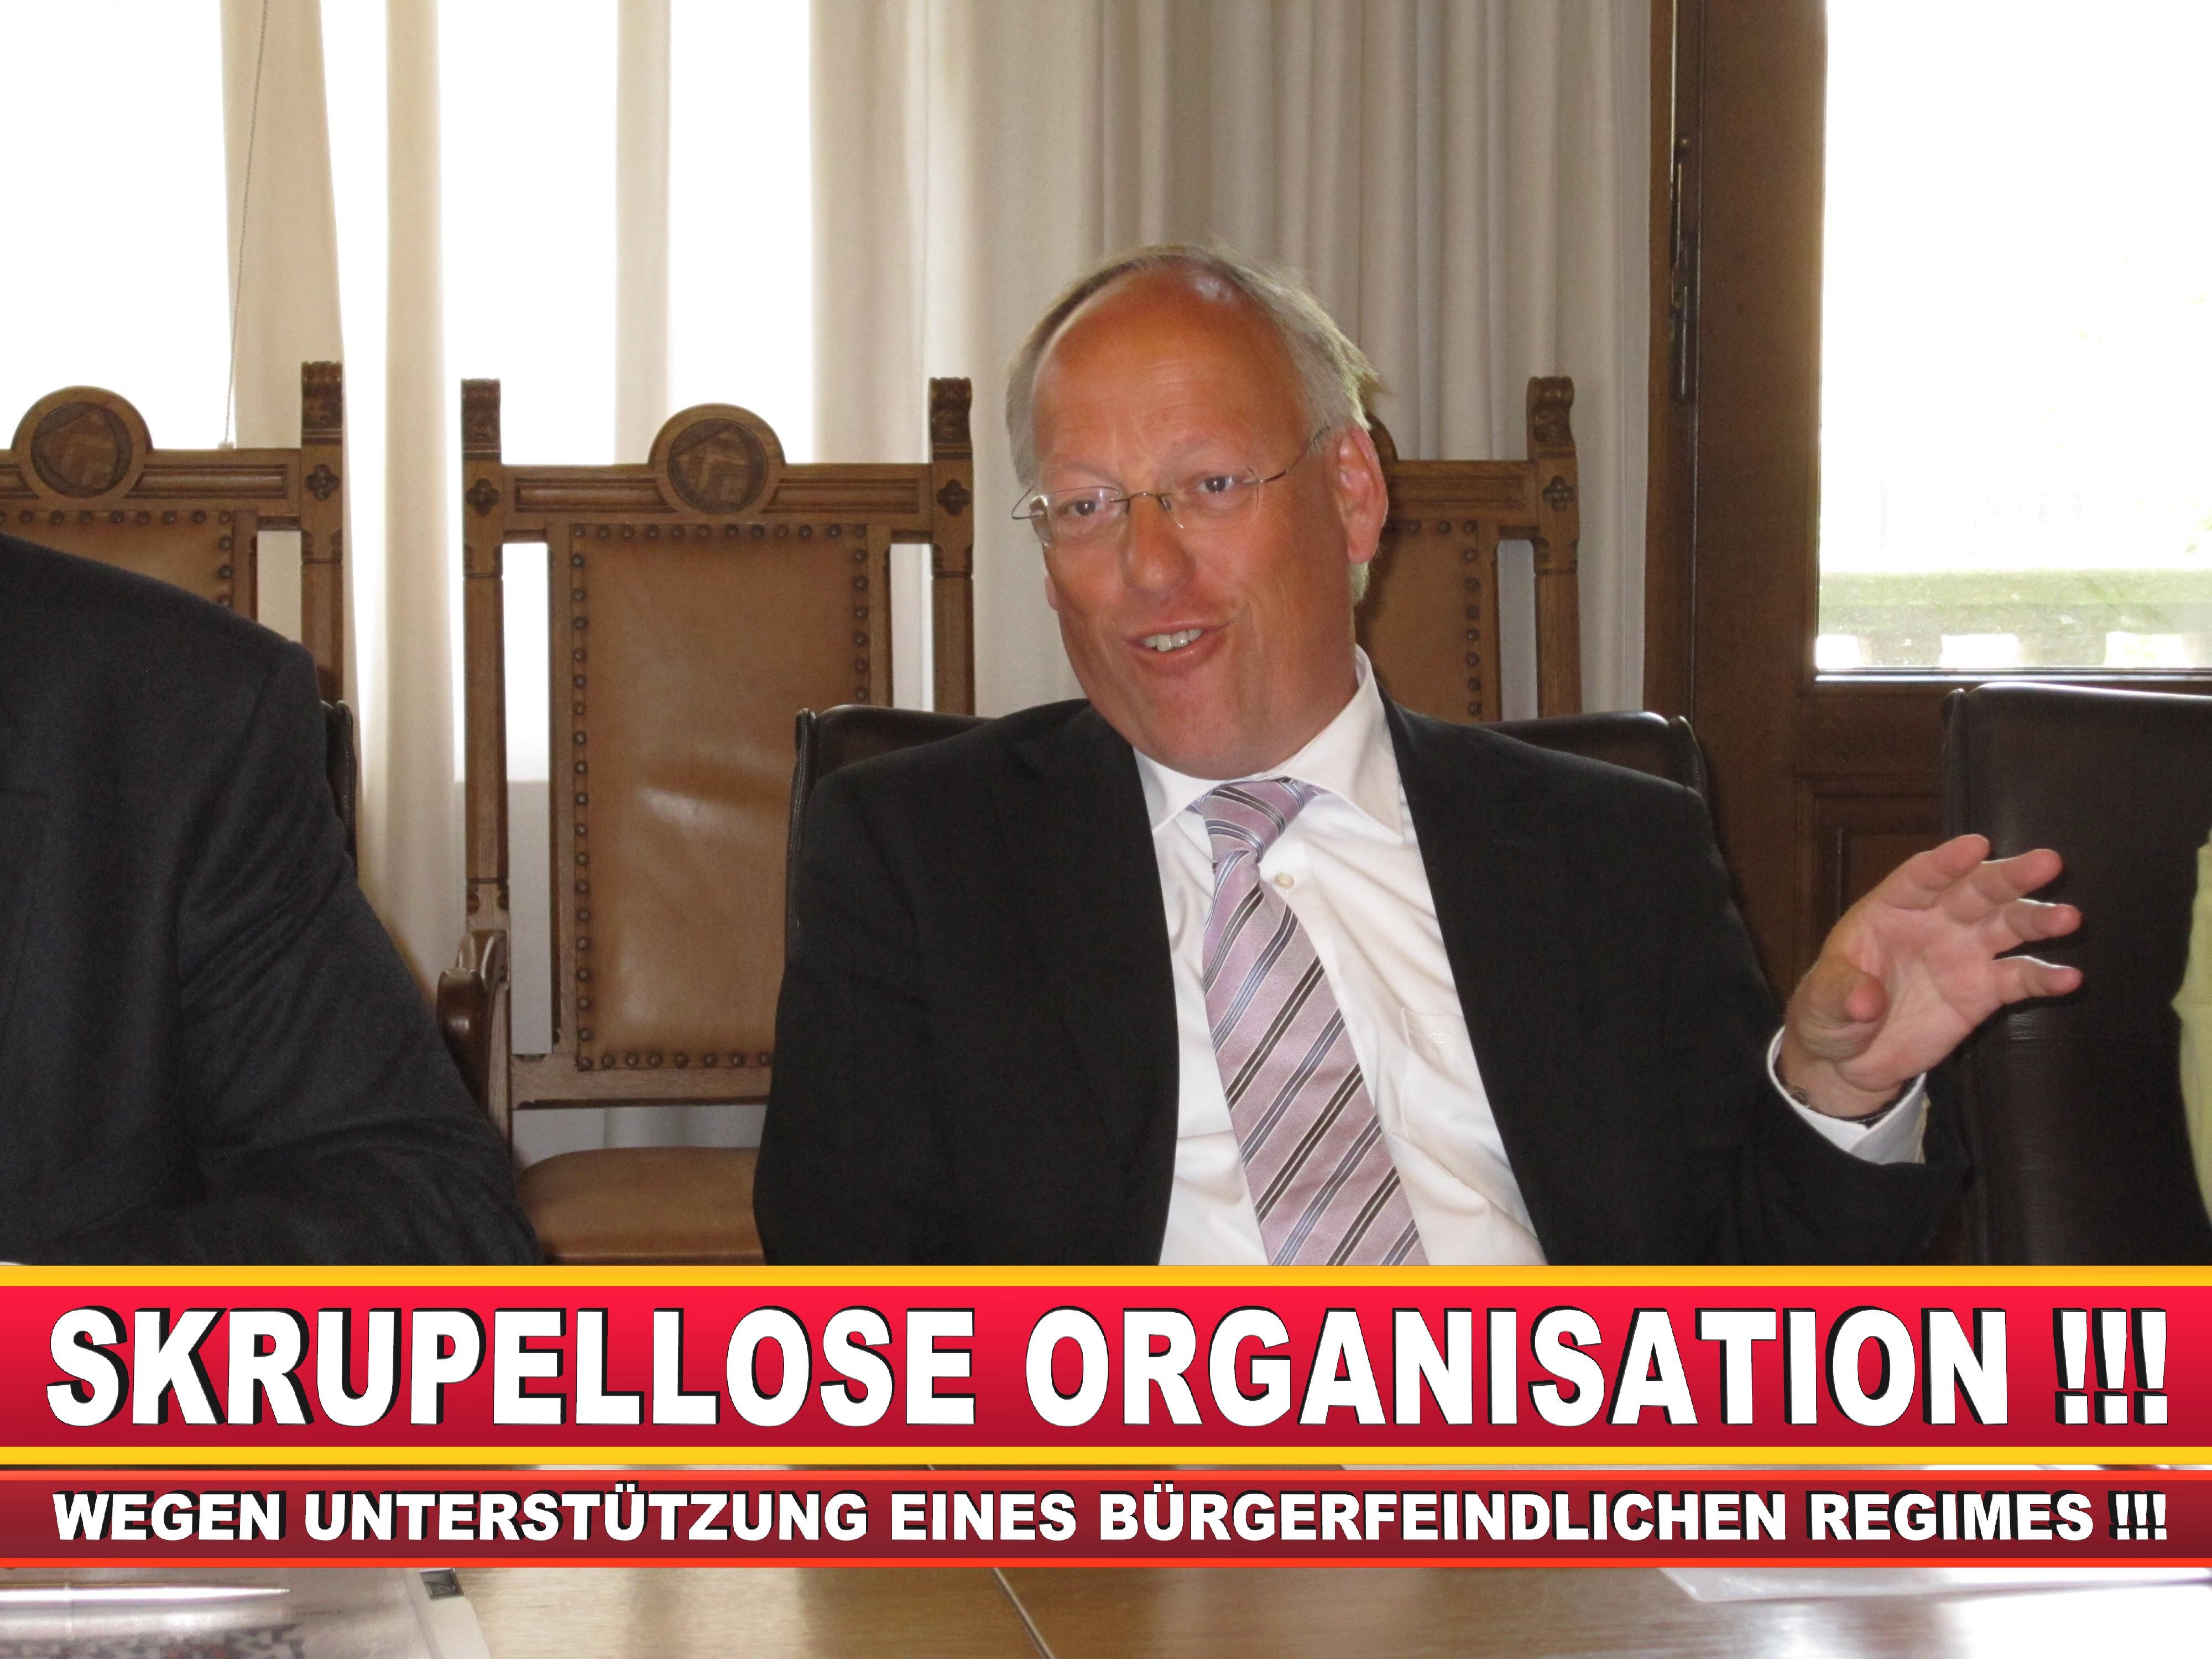 Polizeipräsident Erwin Südfeld Bielefeld Oberbürgermeister Bürgermeister Peter Clausen Pit Clausen Bielefeld (39)